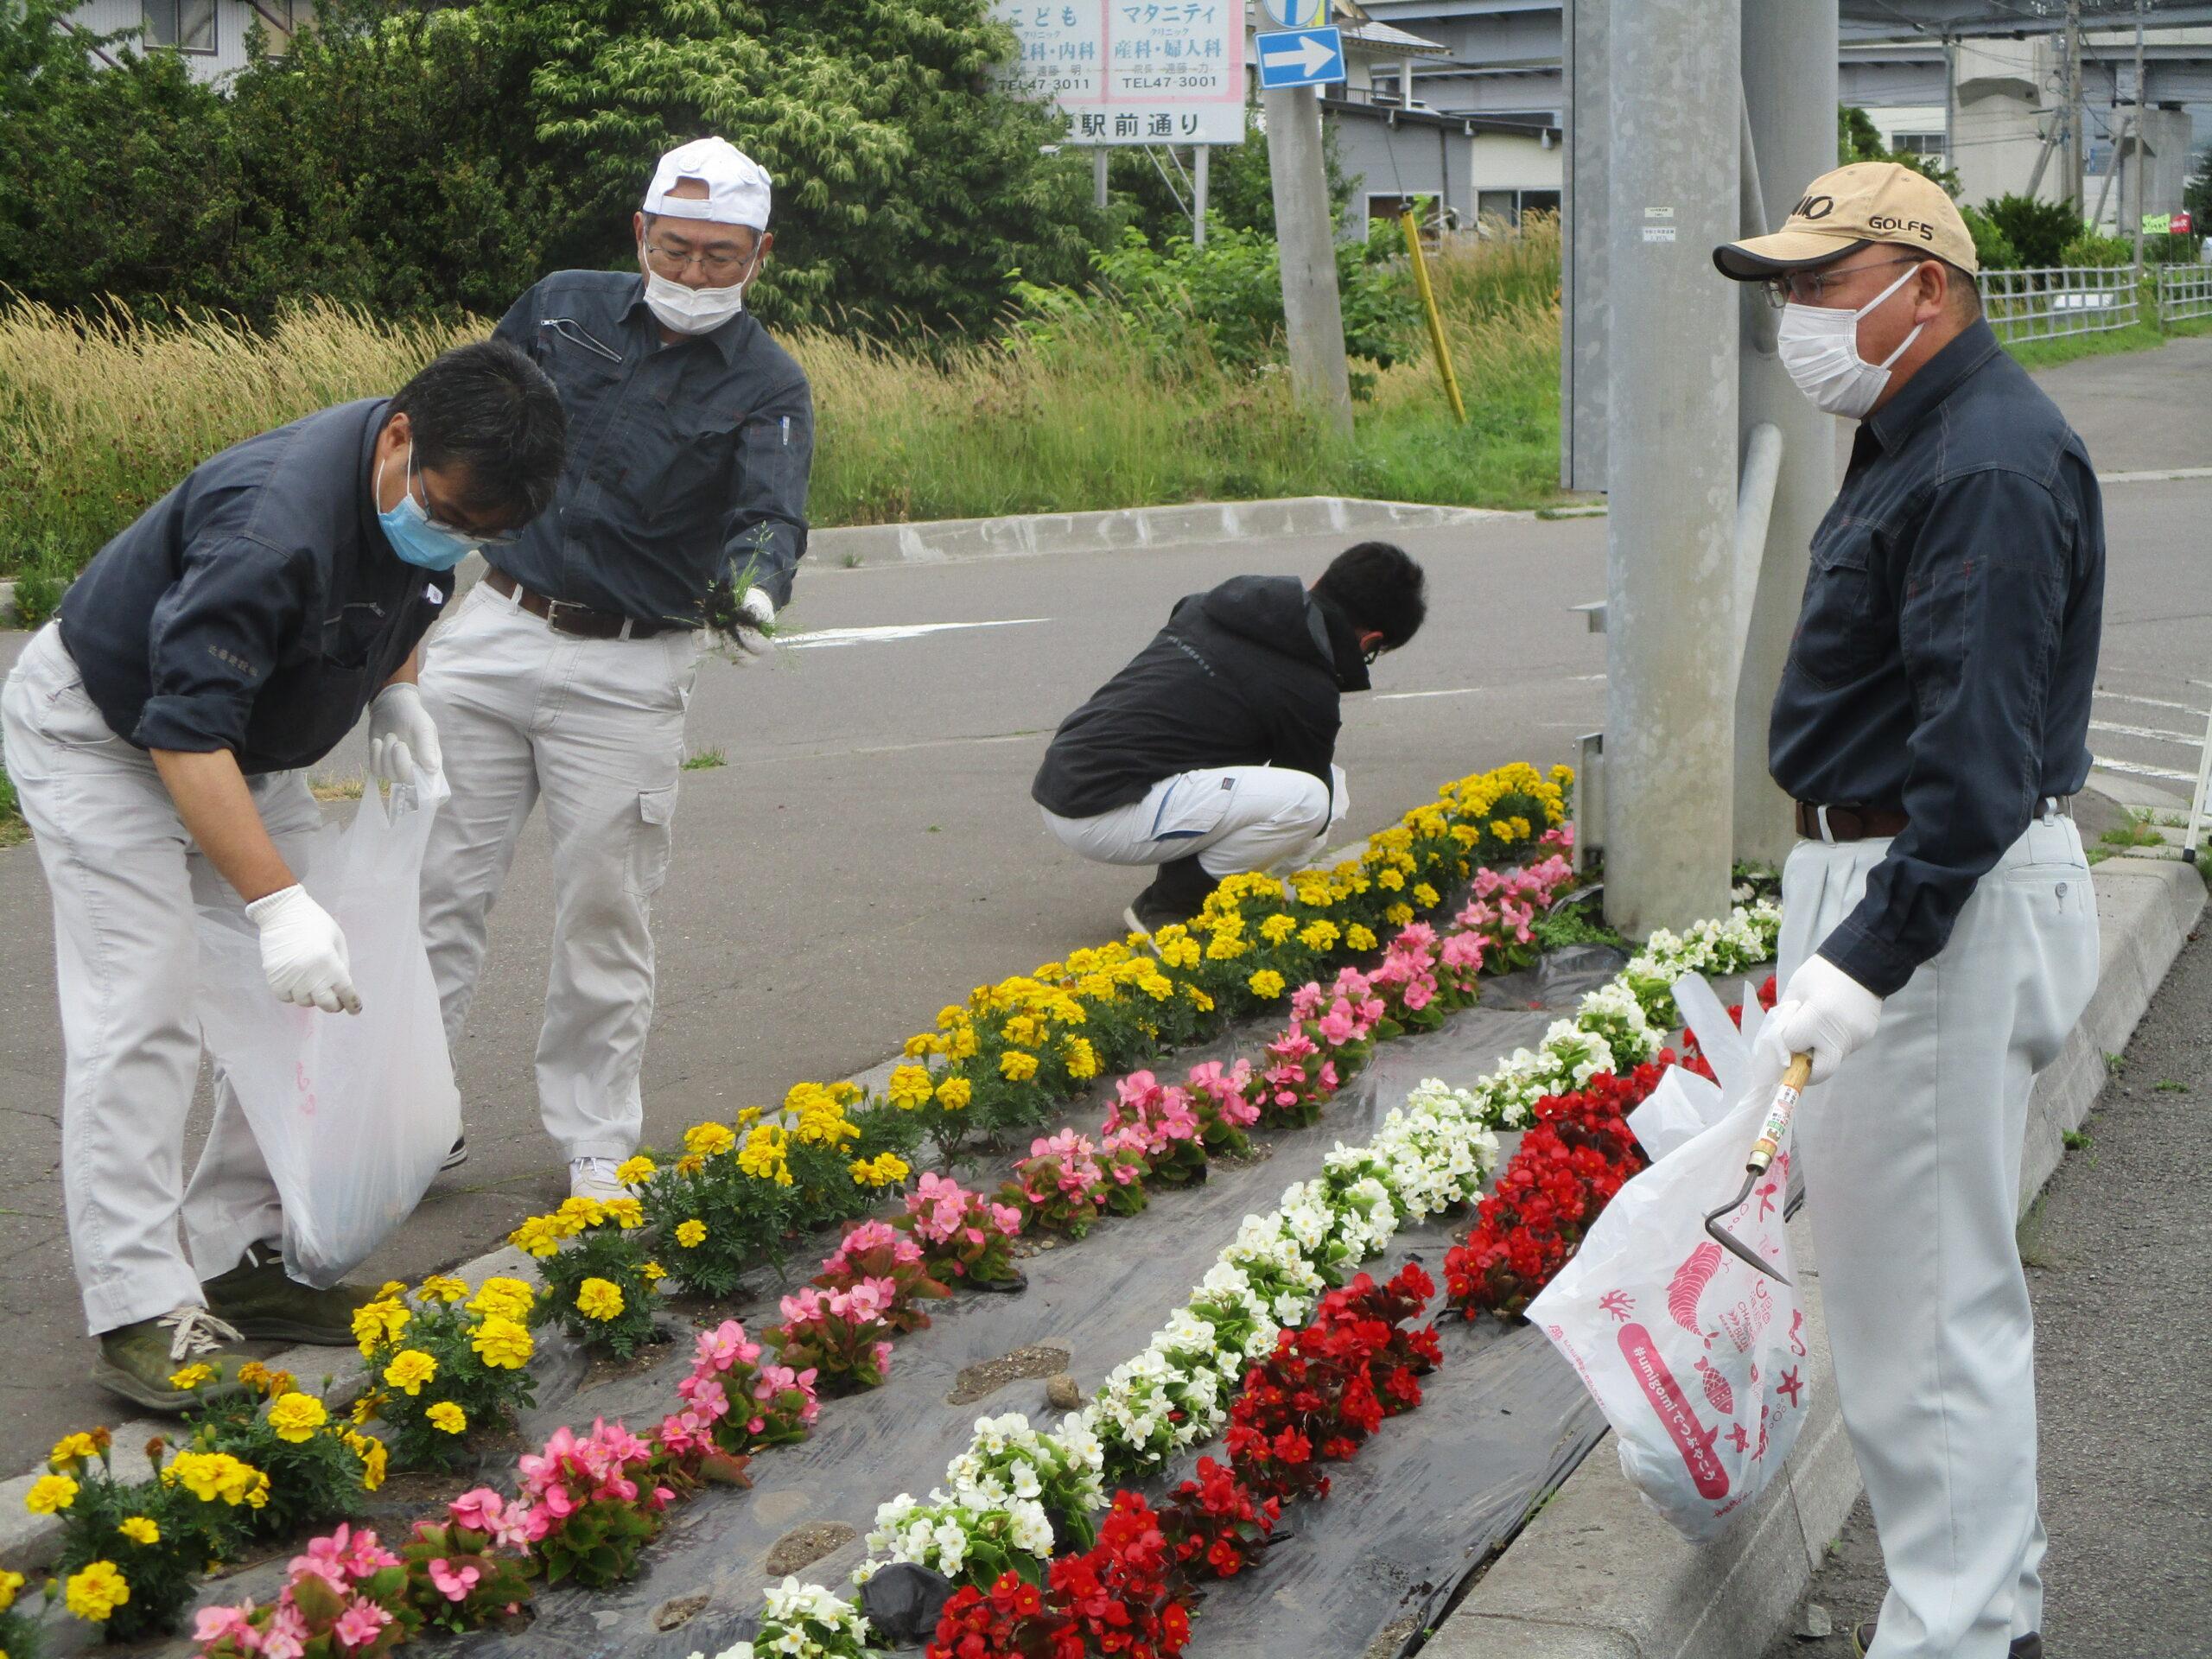 はこだて花かいどう 函館新道植栽活動②